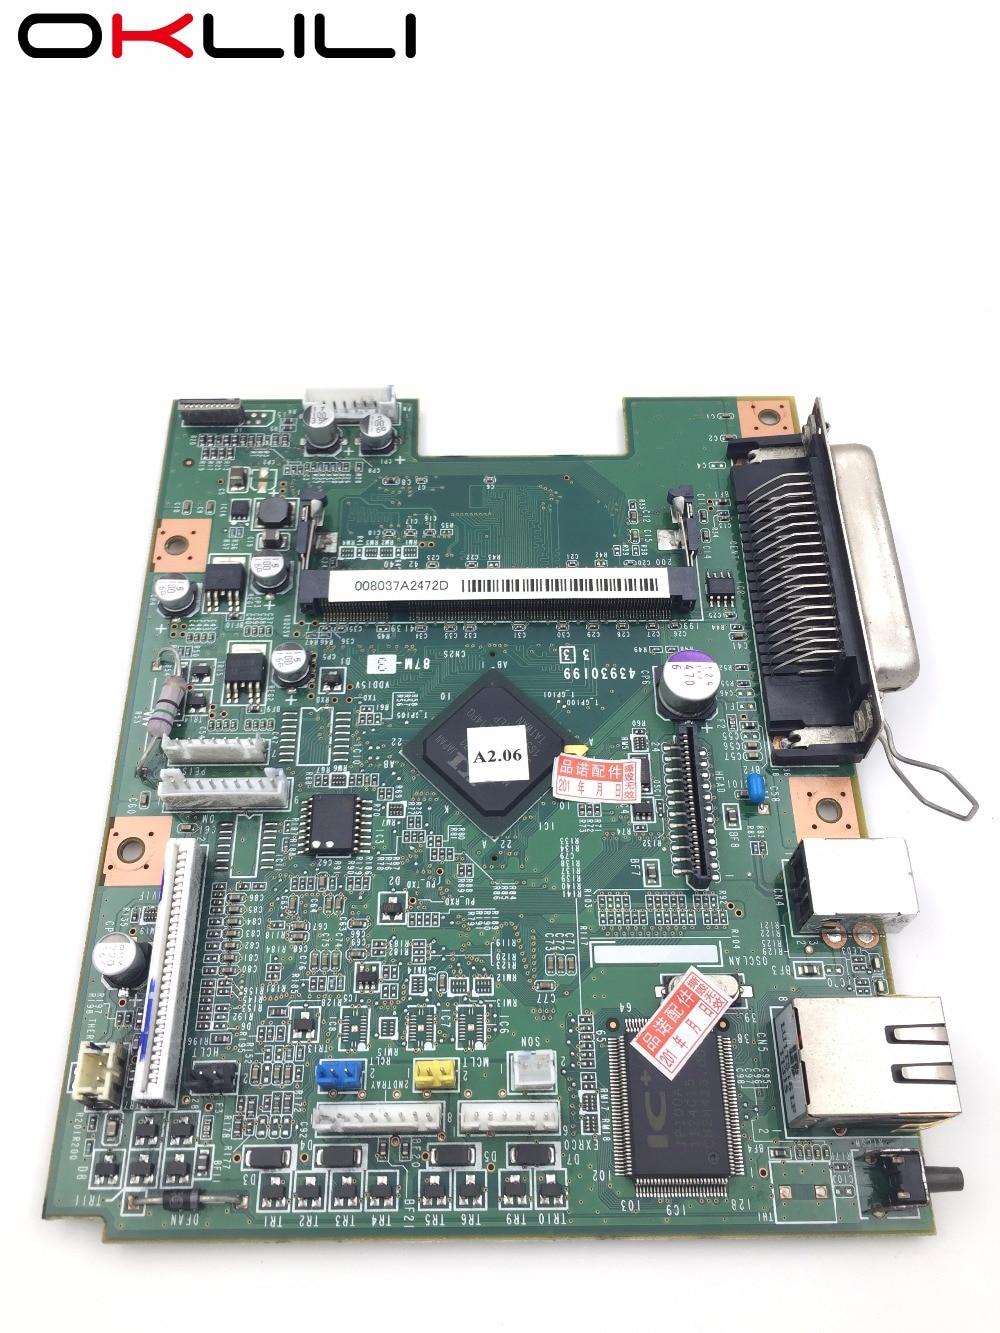 43963616 Board 87M-3 Nic mainboard mother Formatter Board for OKI B420 B410 B410d B430 B430d MPS480mb MPS420b MB460 MB470 MB480<br>